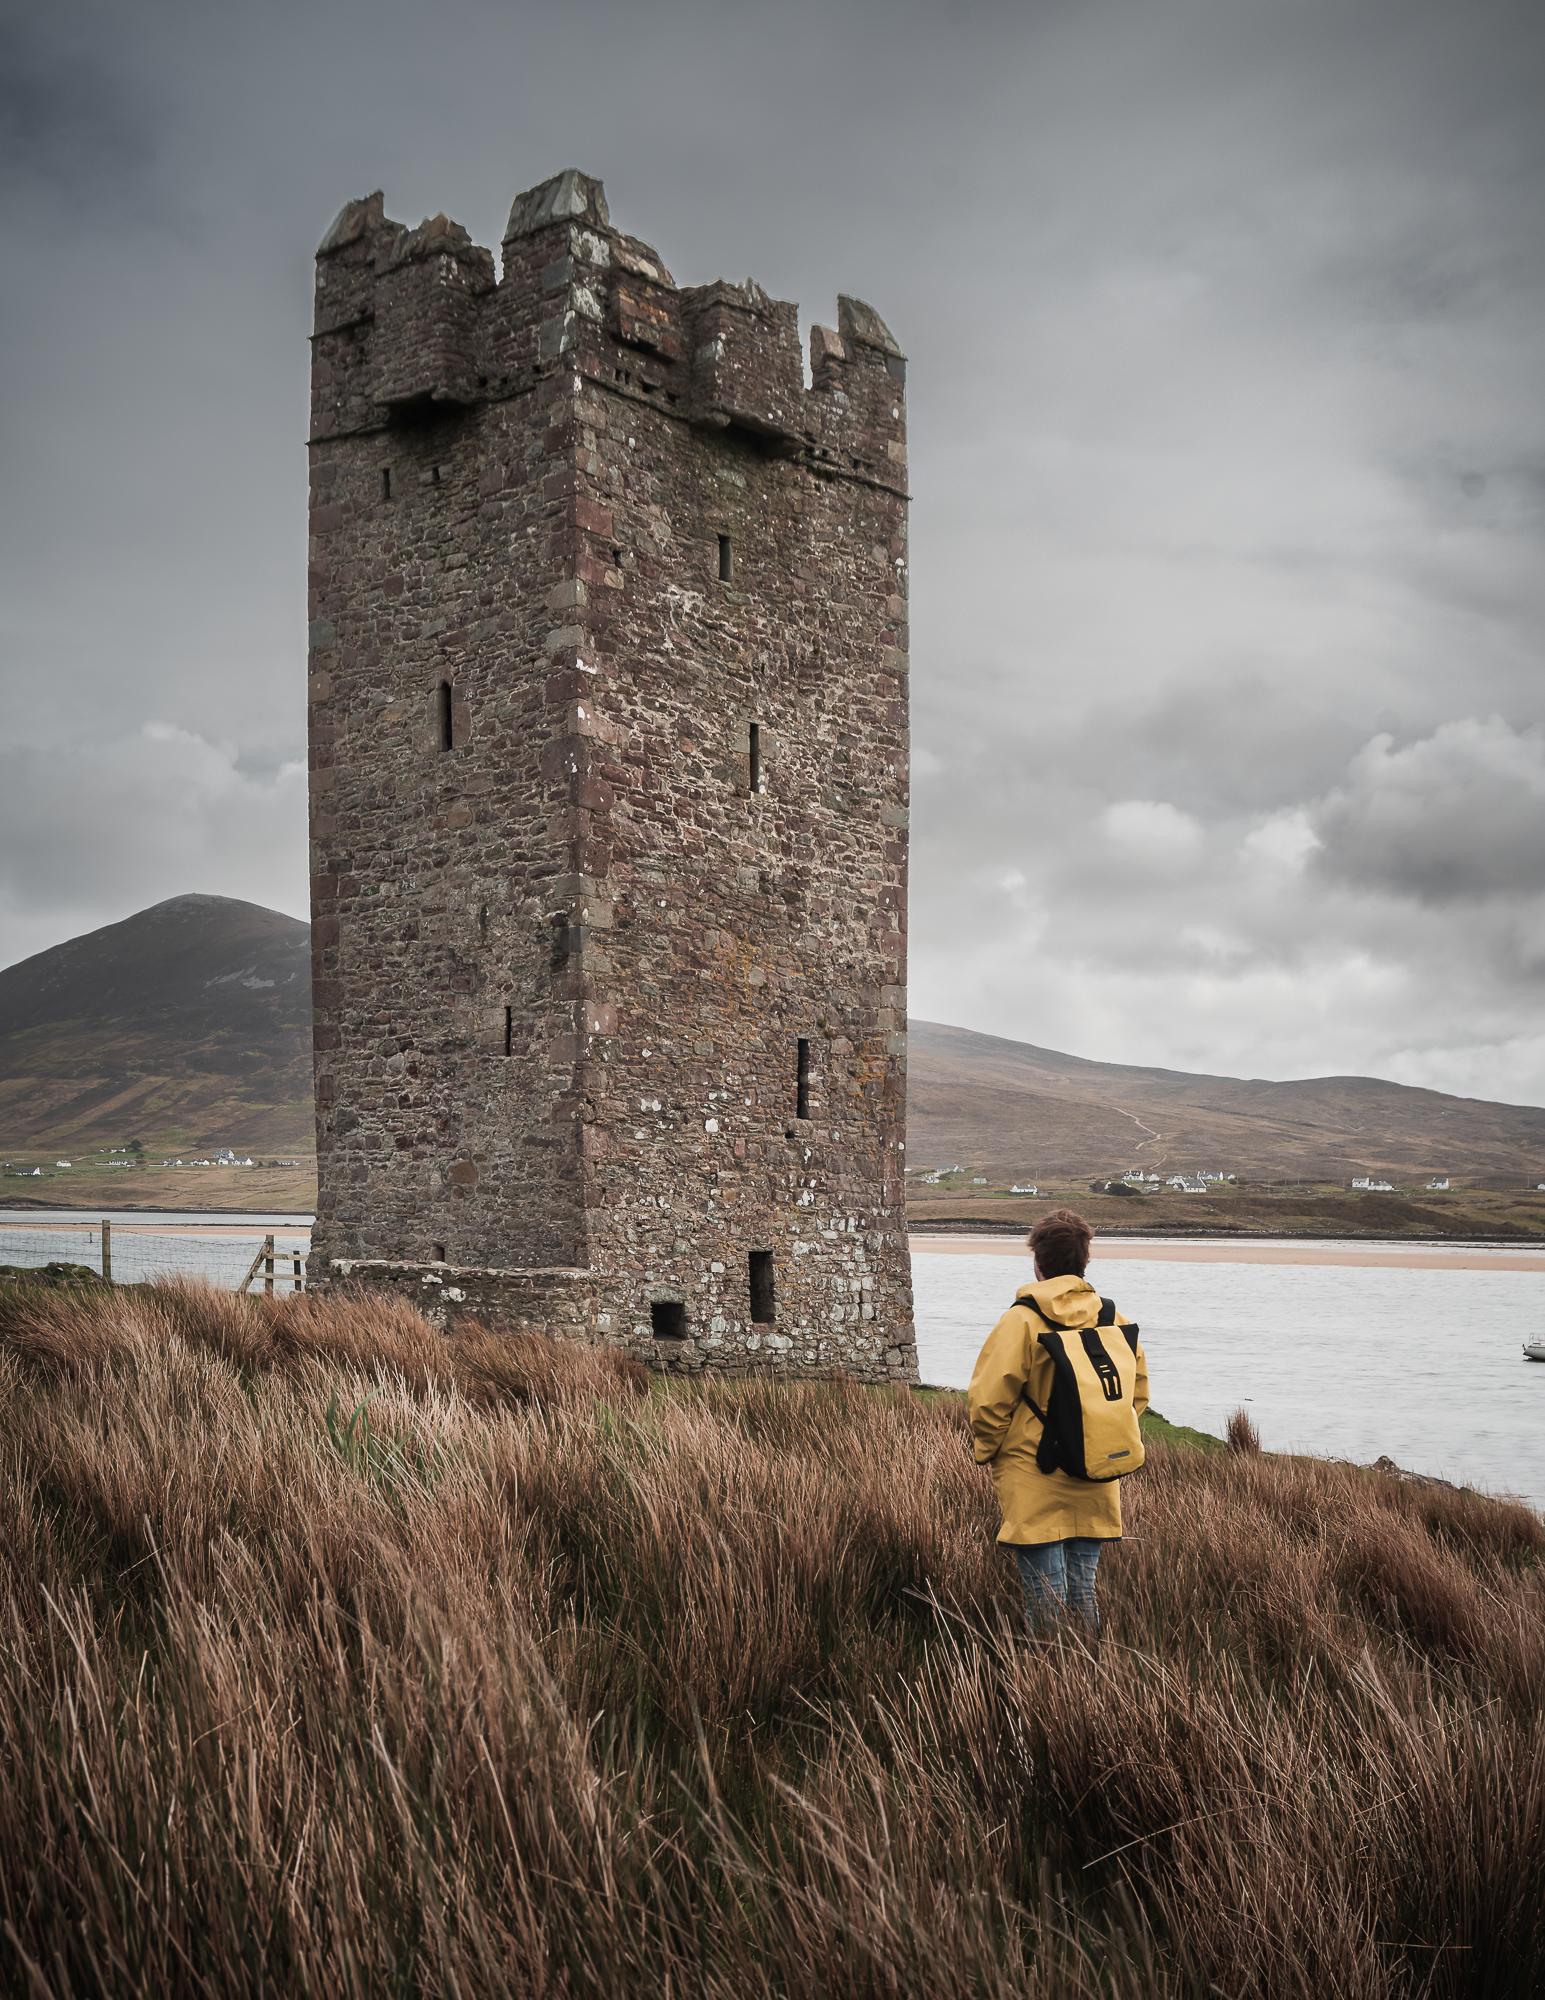 Grace O' Malley's kasteel aanschouwen